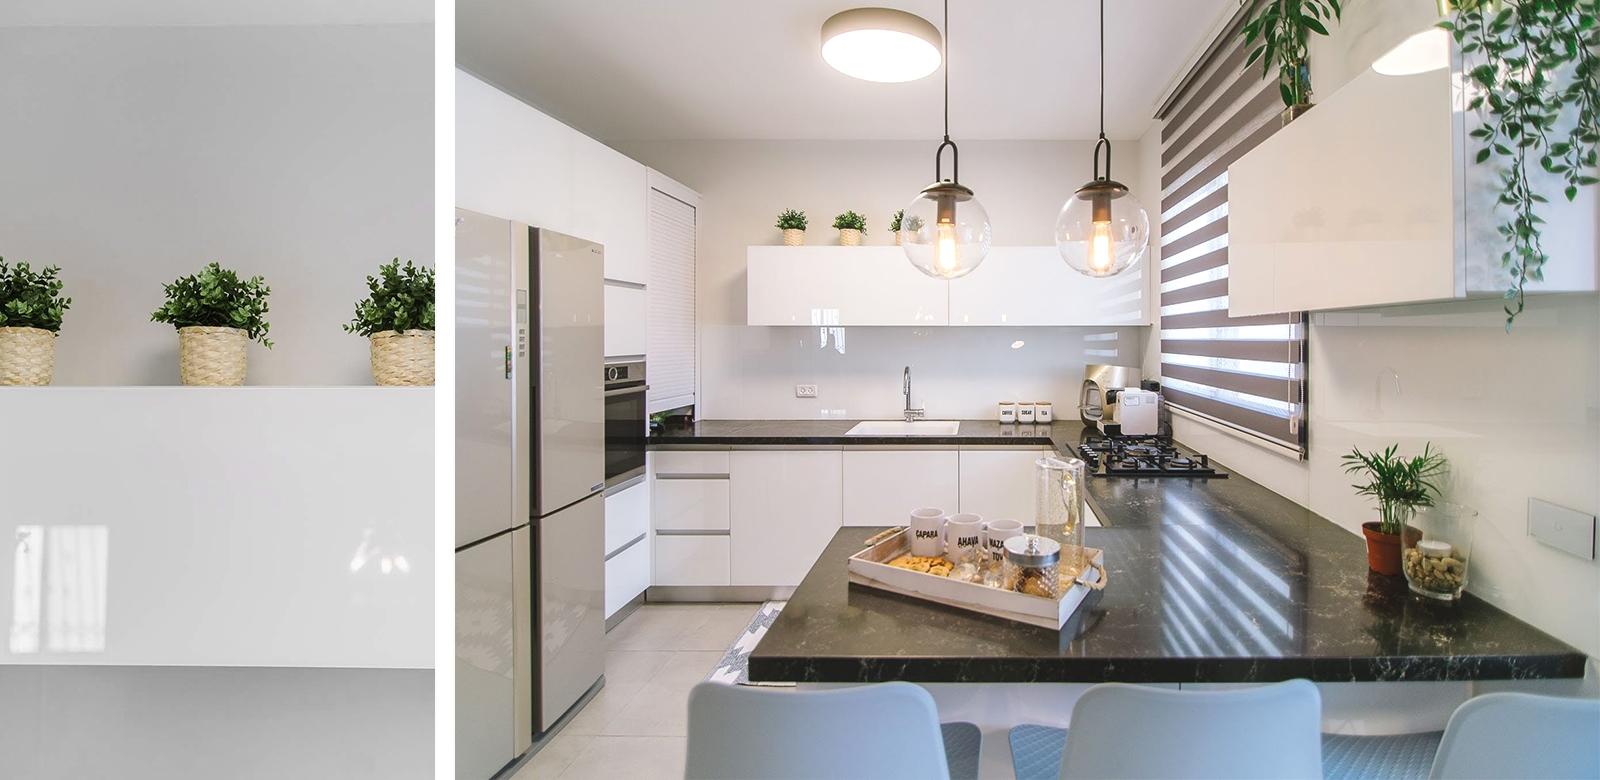 עיצוב דירה בפתח תקווה - תמונה מספר 4